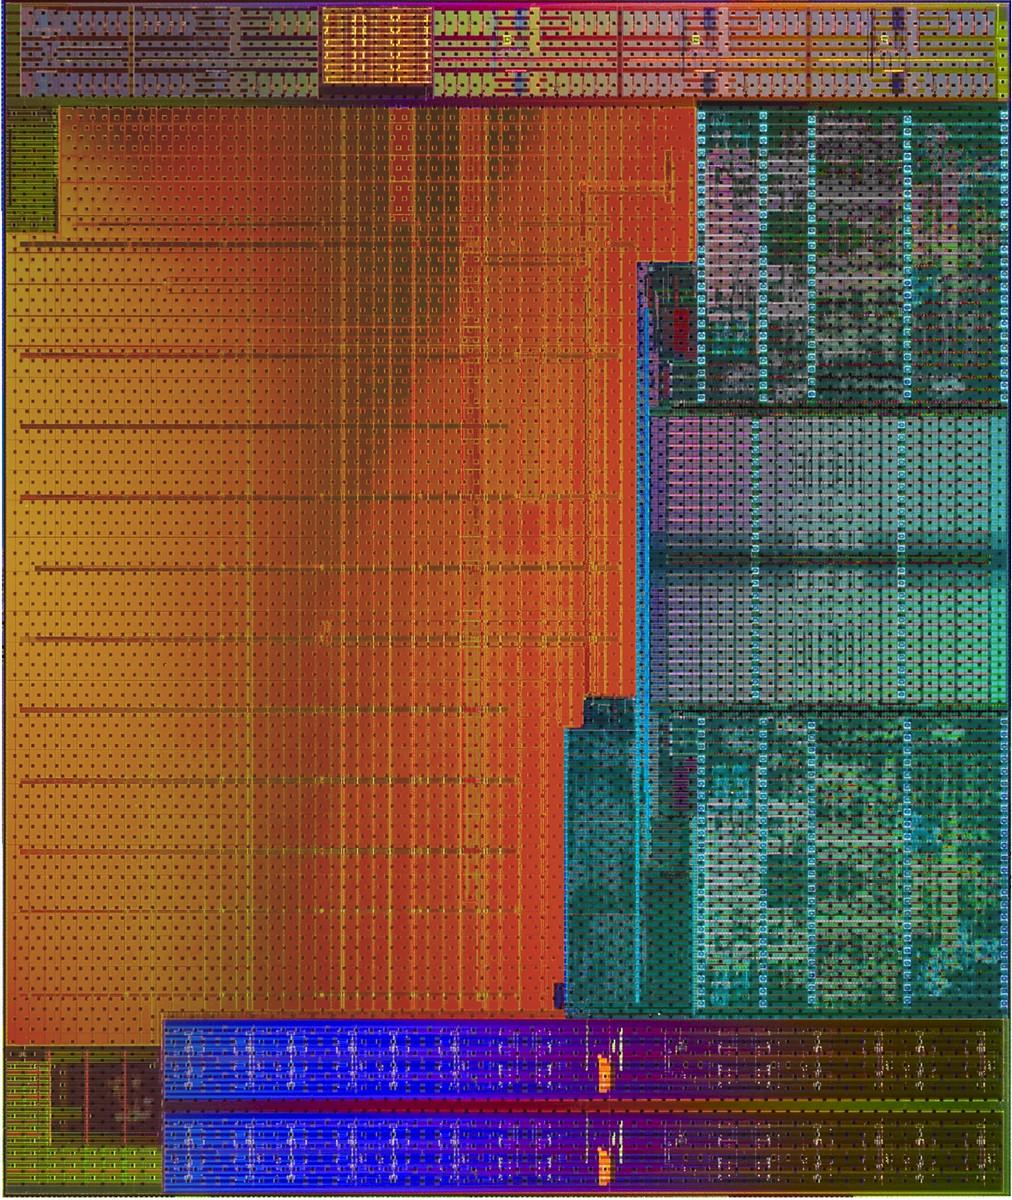 CPU DIE von Godavari